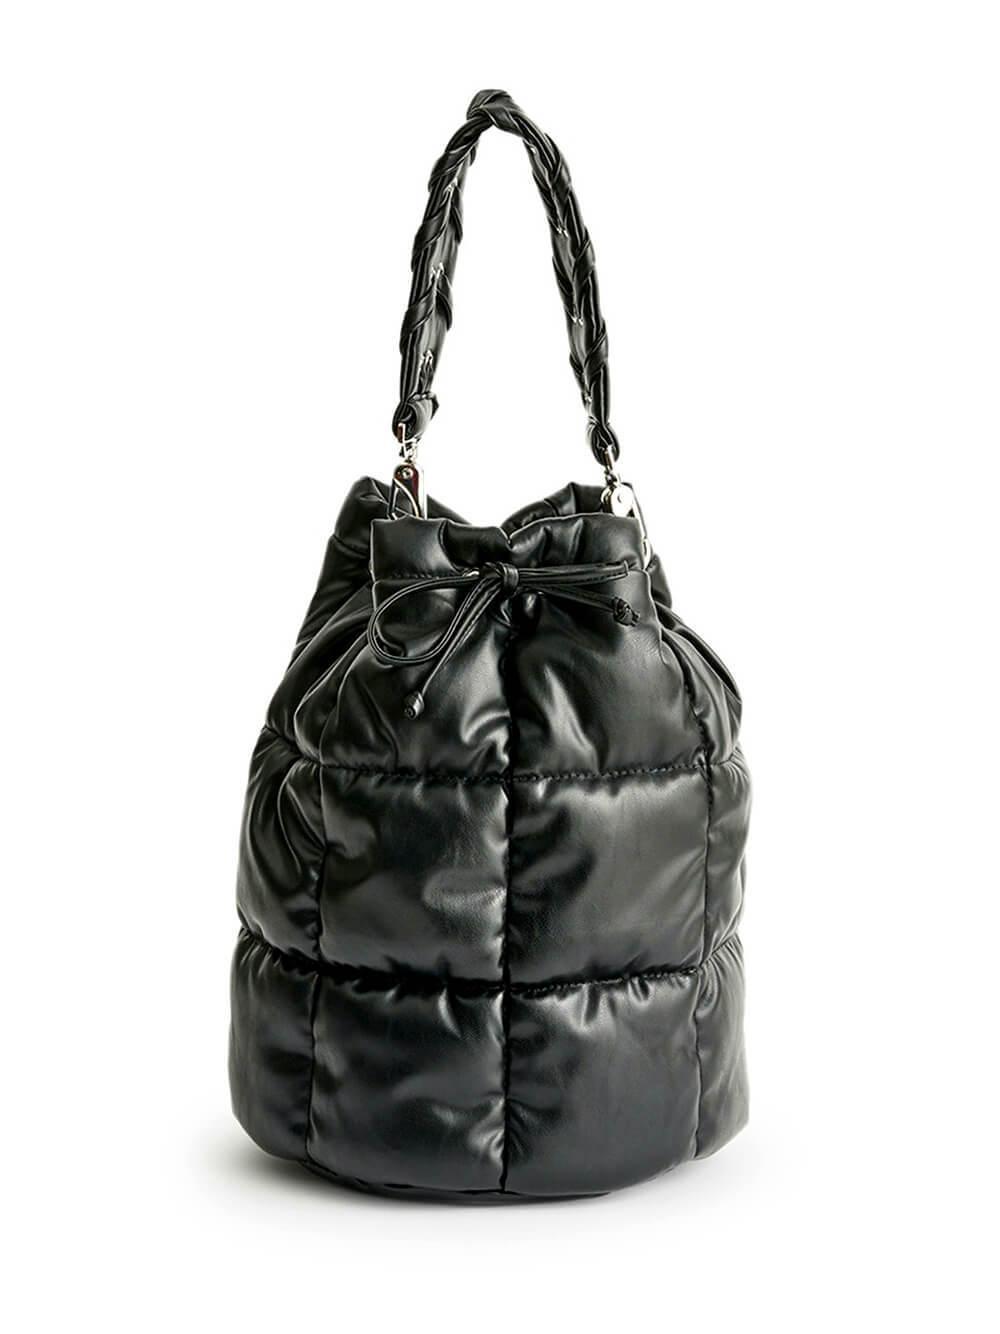 Scarlet Quilt Bucket Bag Item # 61194-8100